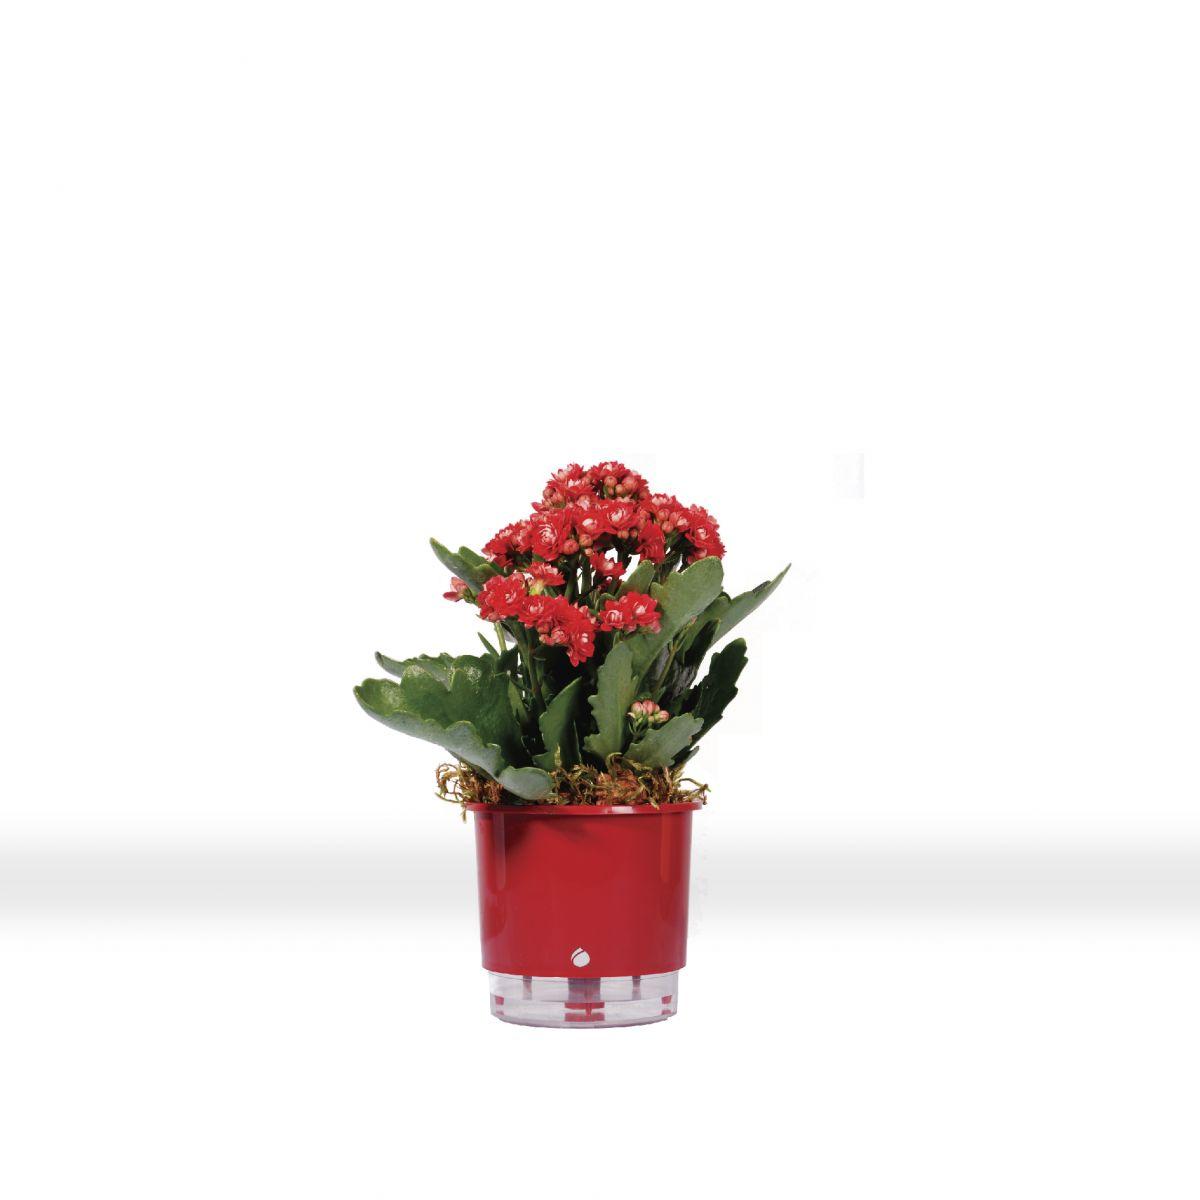 Vaso autoirrigável Raiz PEQUENO 12 cm X 11 cm